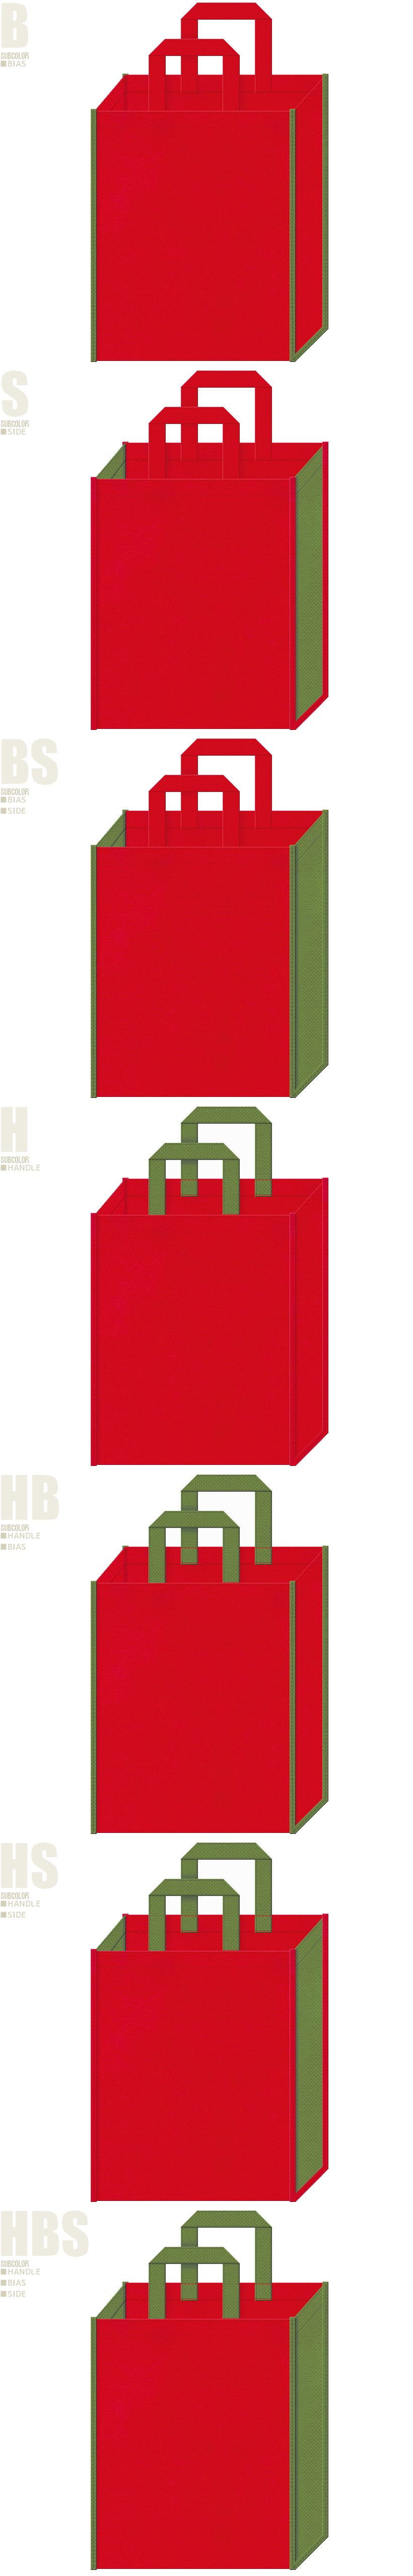 野点傘・番傘・茶会・お城イベント・和風庭園・和風催事にお奨めの不織布バッグデザイン:紅色と草色の配色7パターン